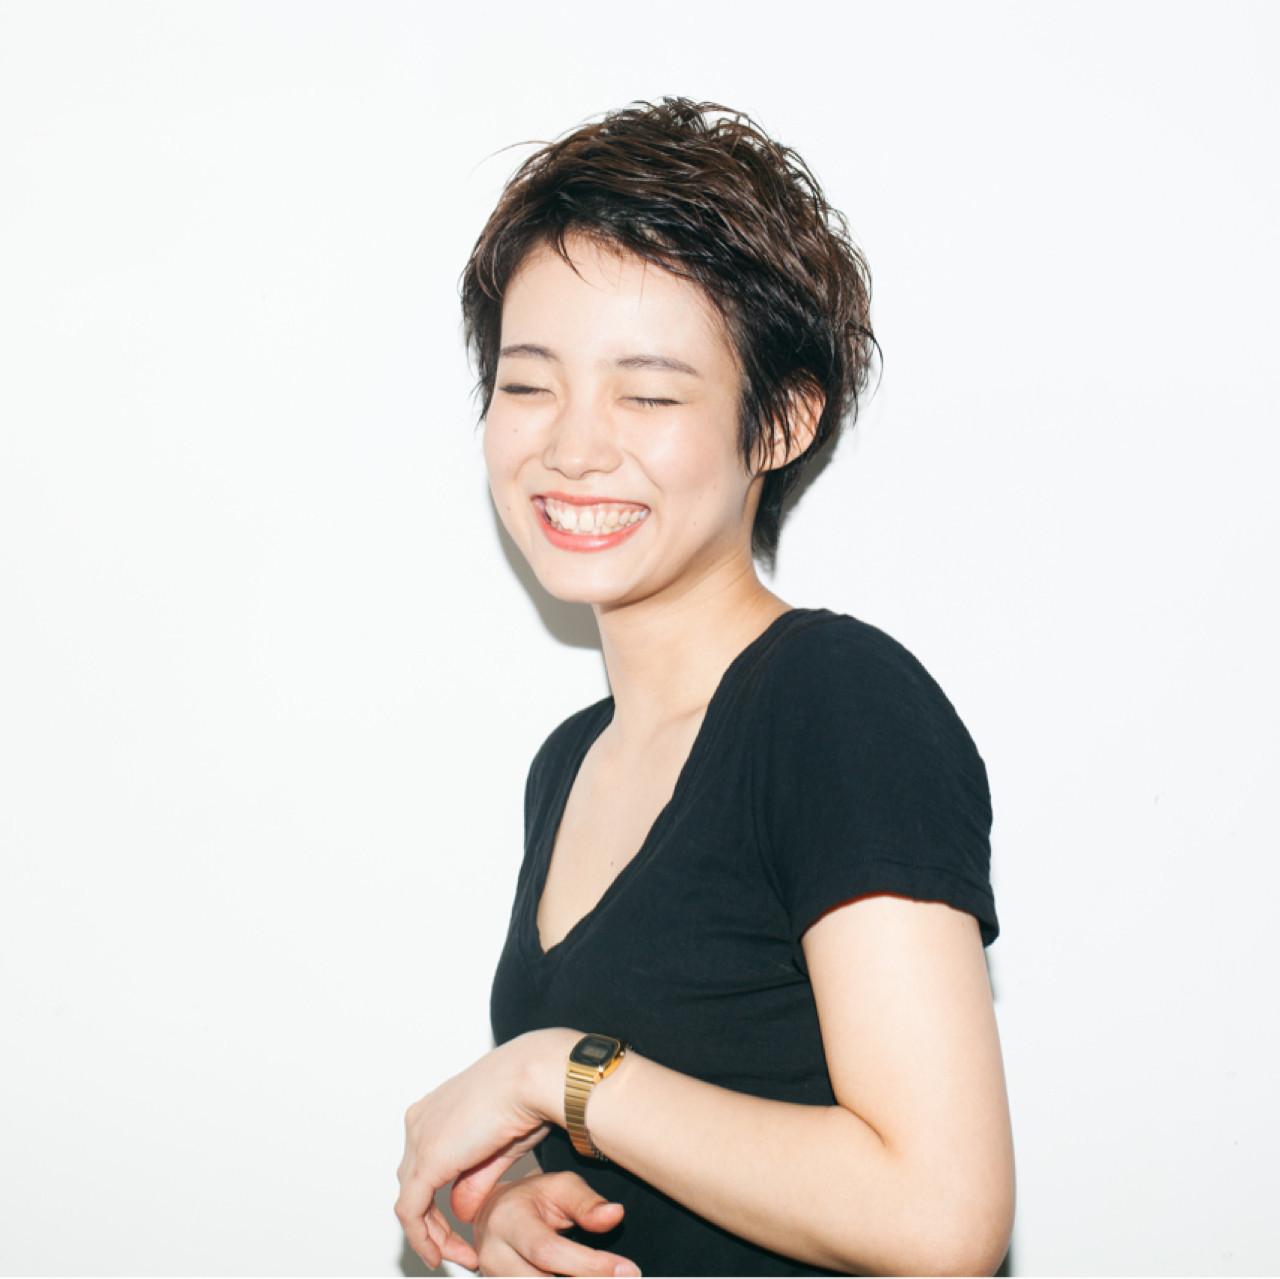 小顔 ベリーショート ショート ナチュラル ヘアスタイルや髪型の写真・画像